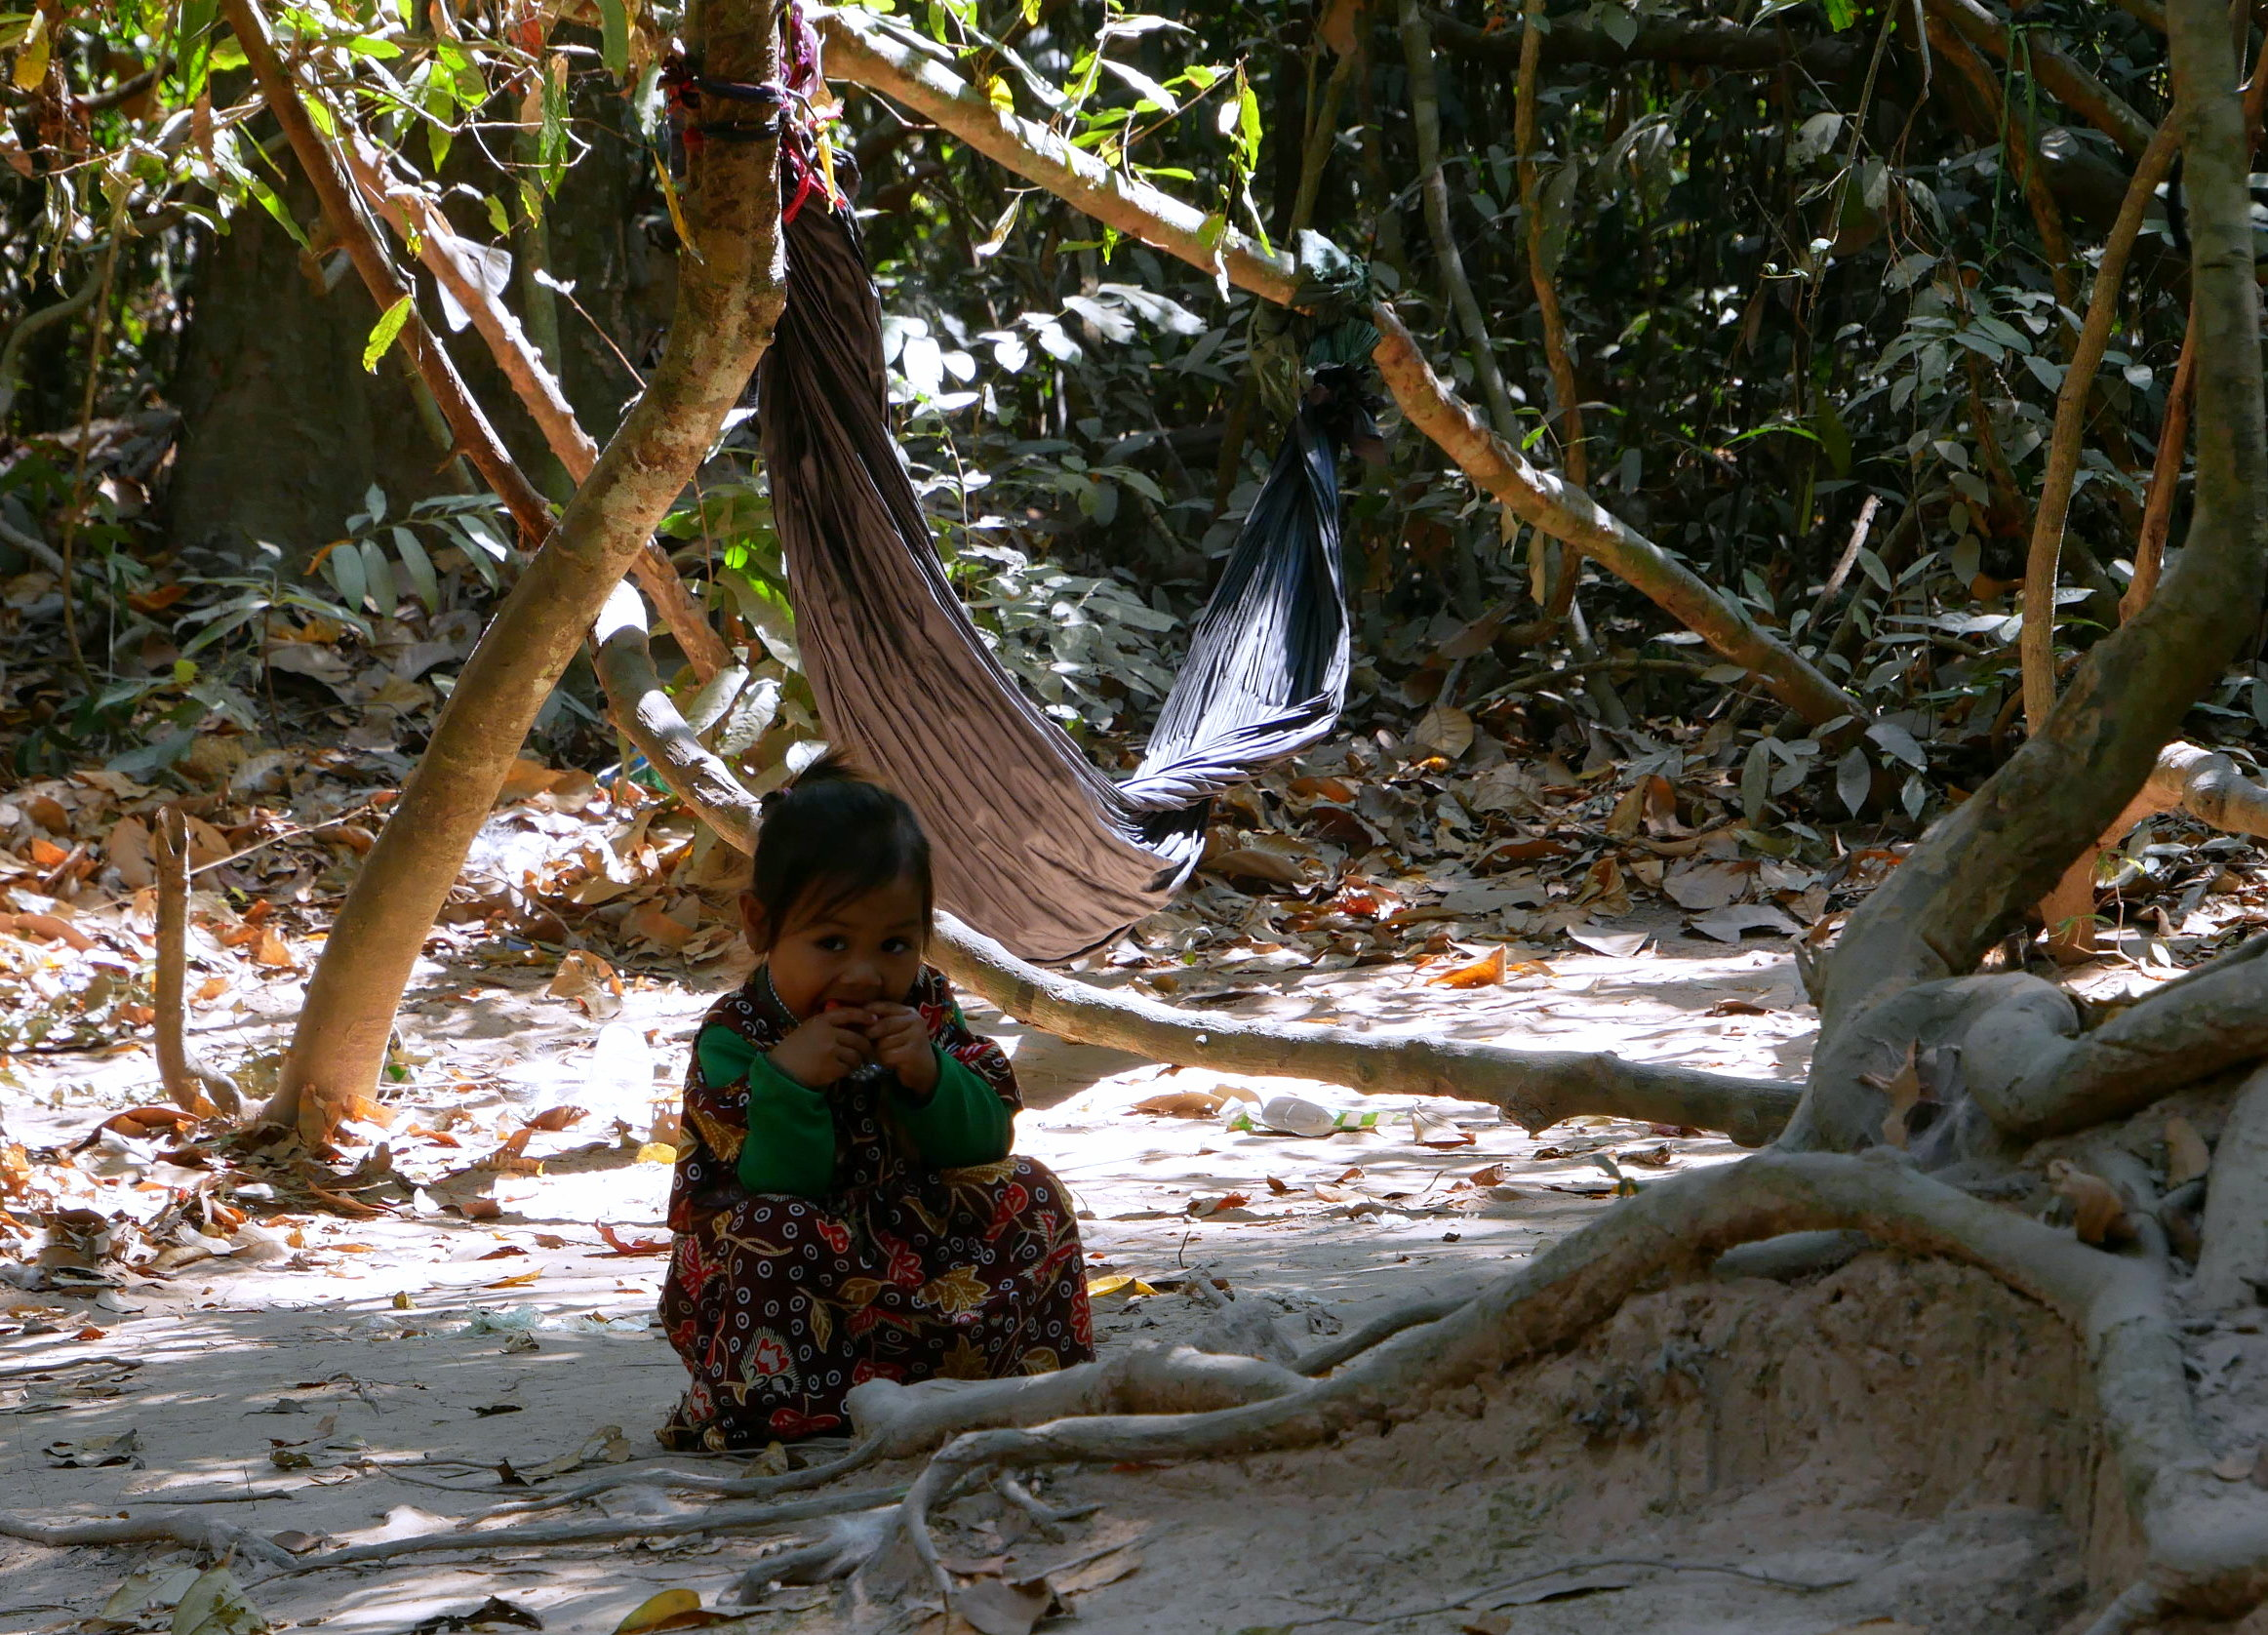 Enfant Khmer en tenue colorée qui mange un fruit.